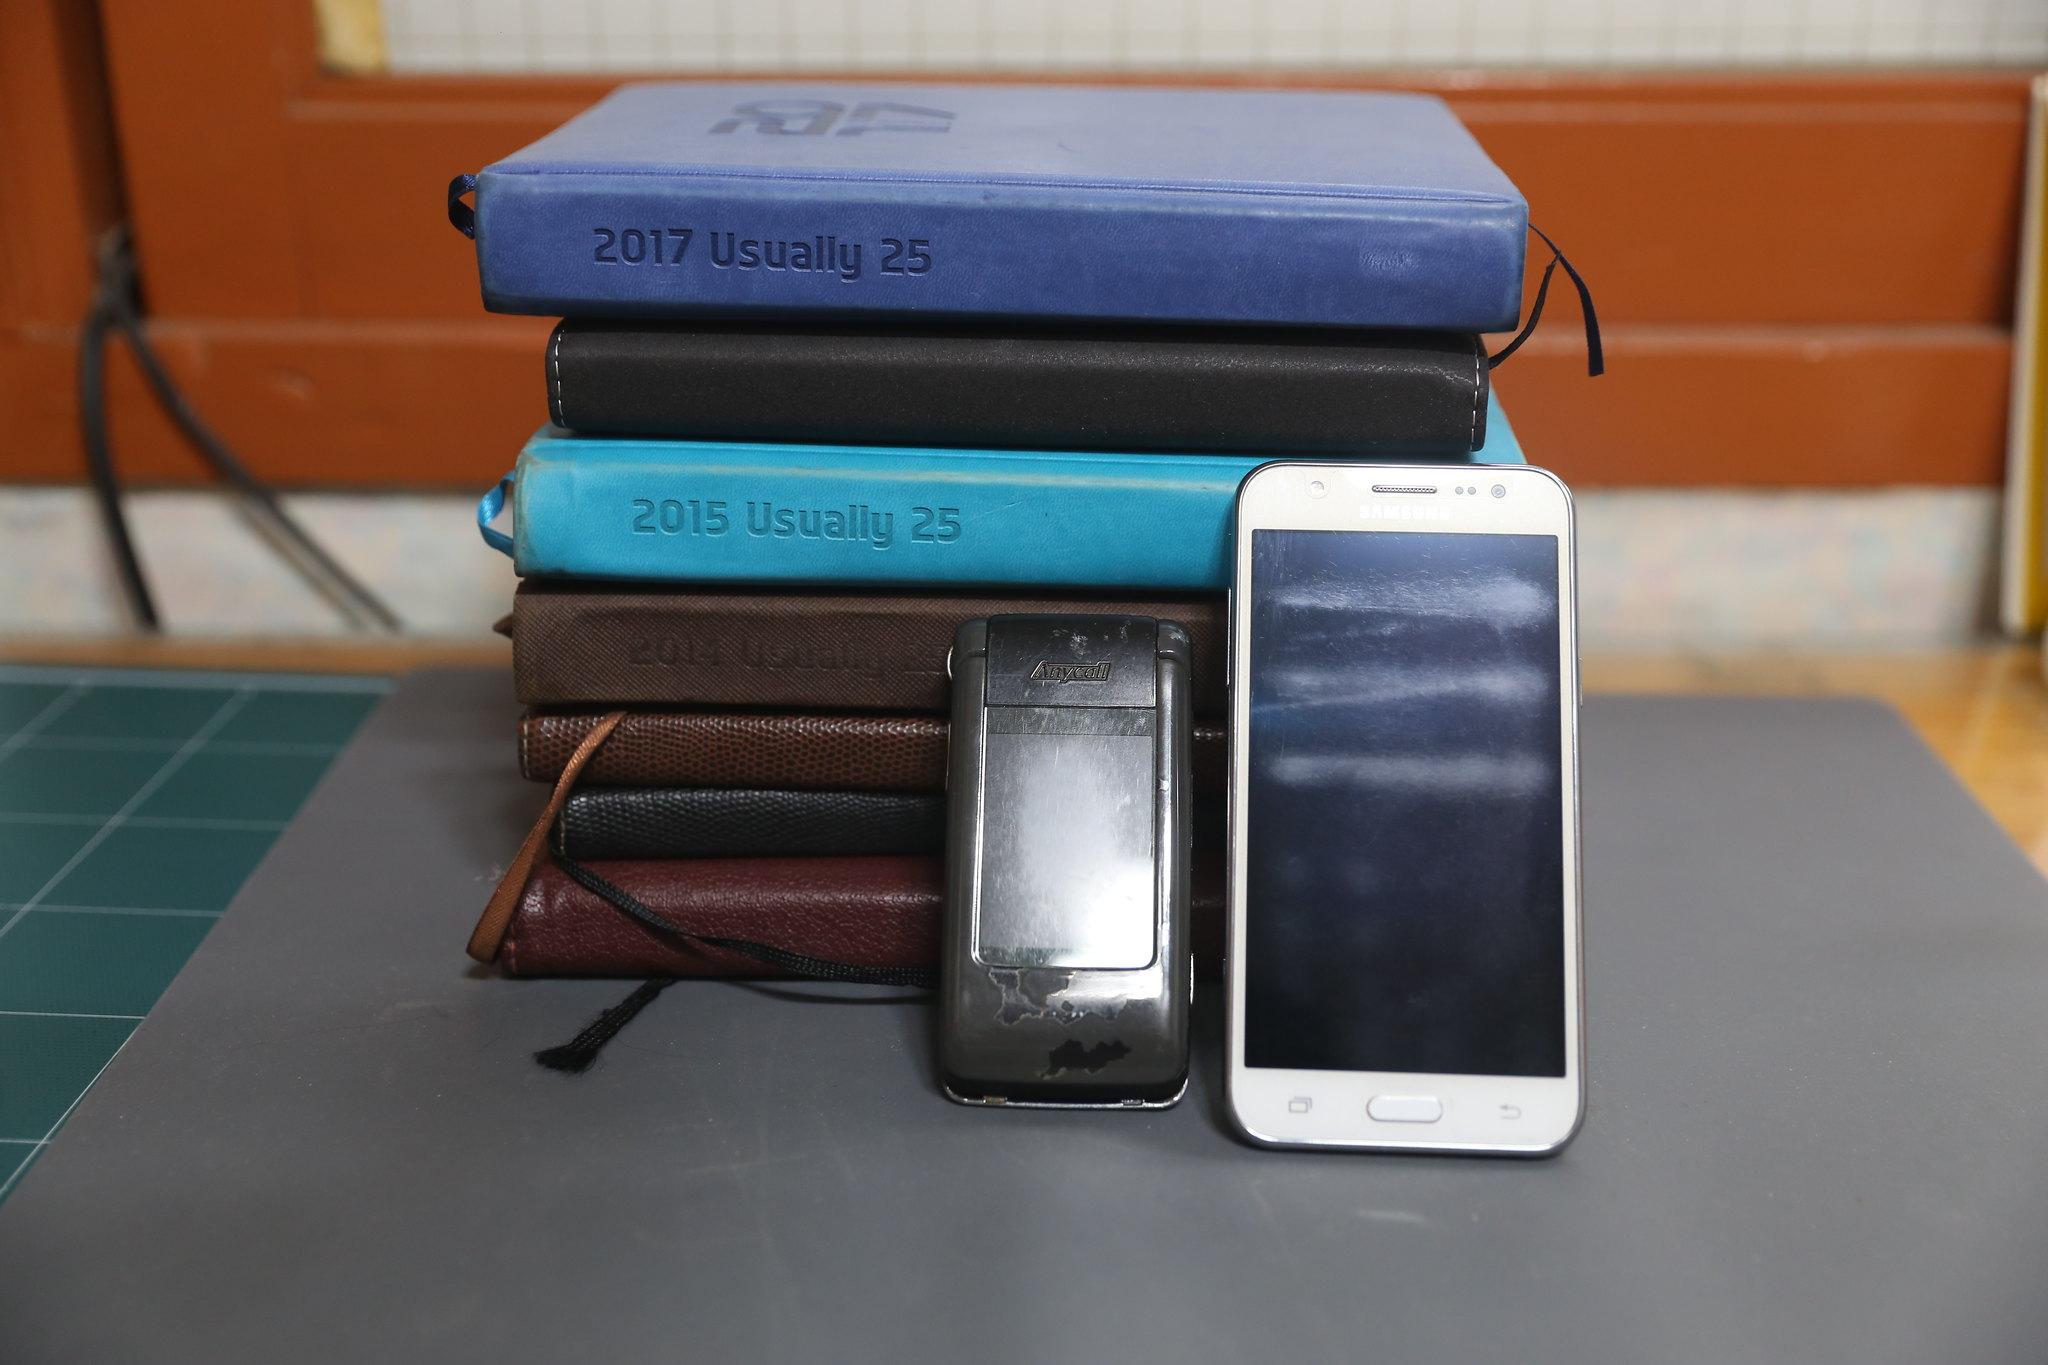 11다이어리, 스마트폰, 피처폰